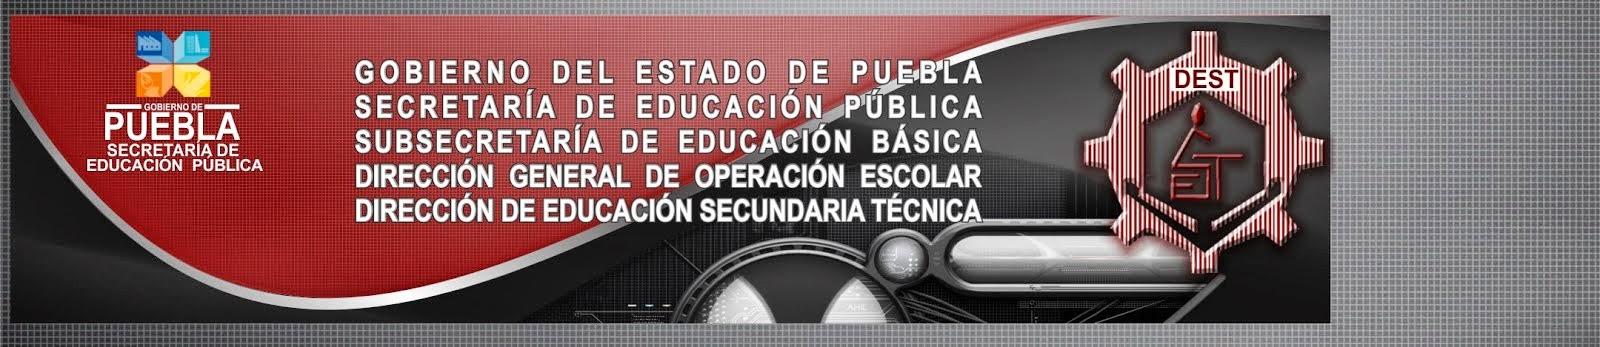 Dirección de Educación Secundaria Técnica. Puebla. José Luis Amaro Cano